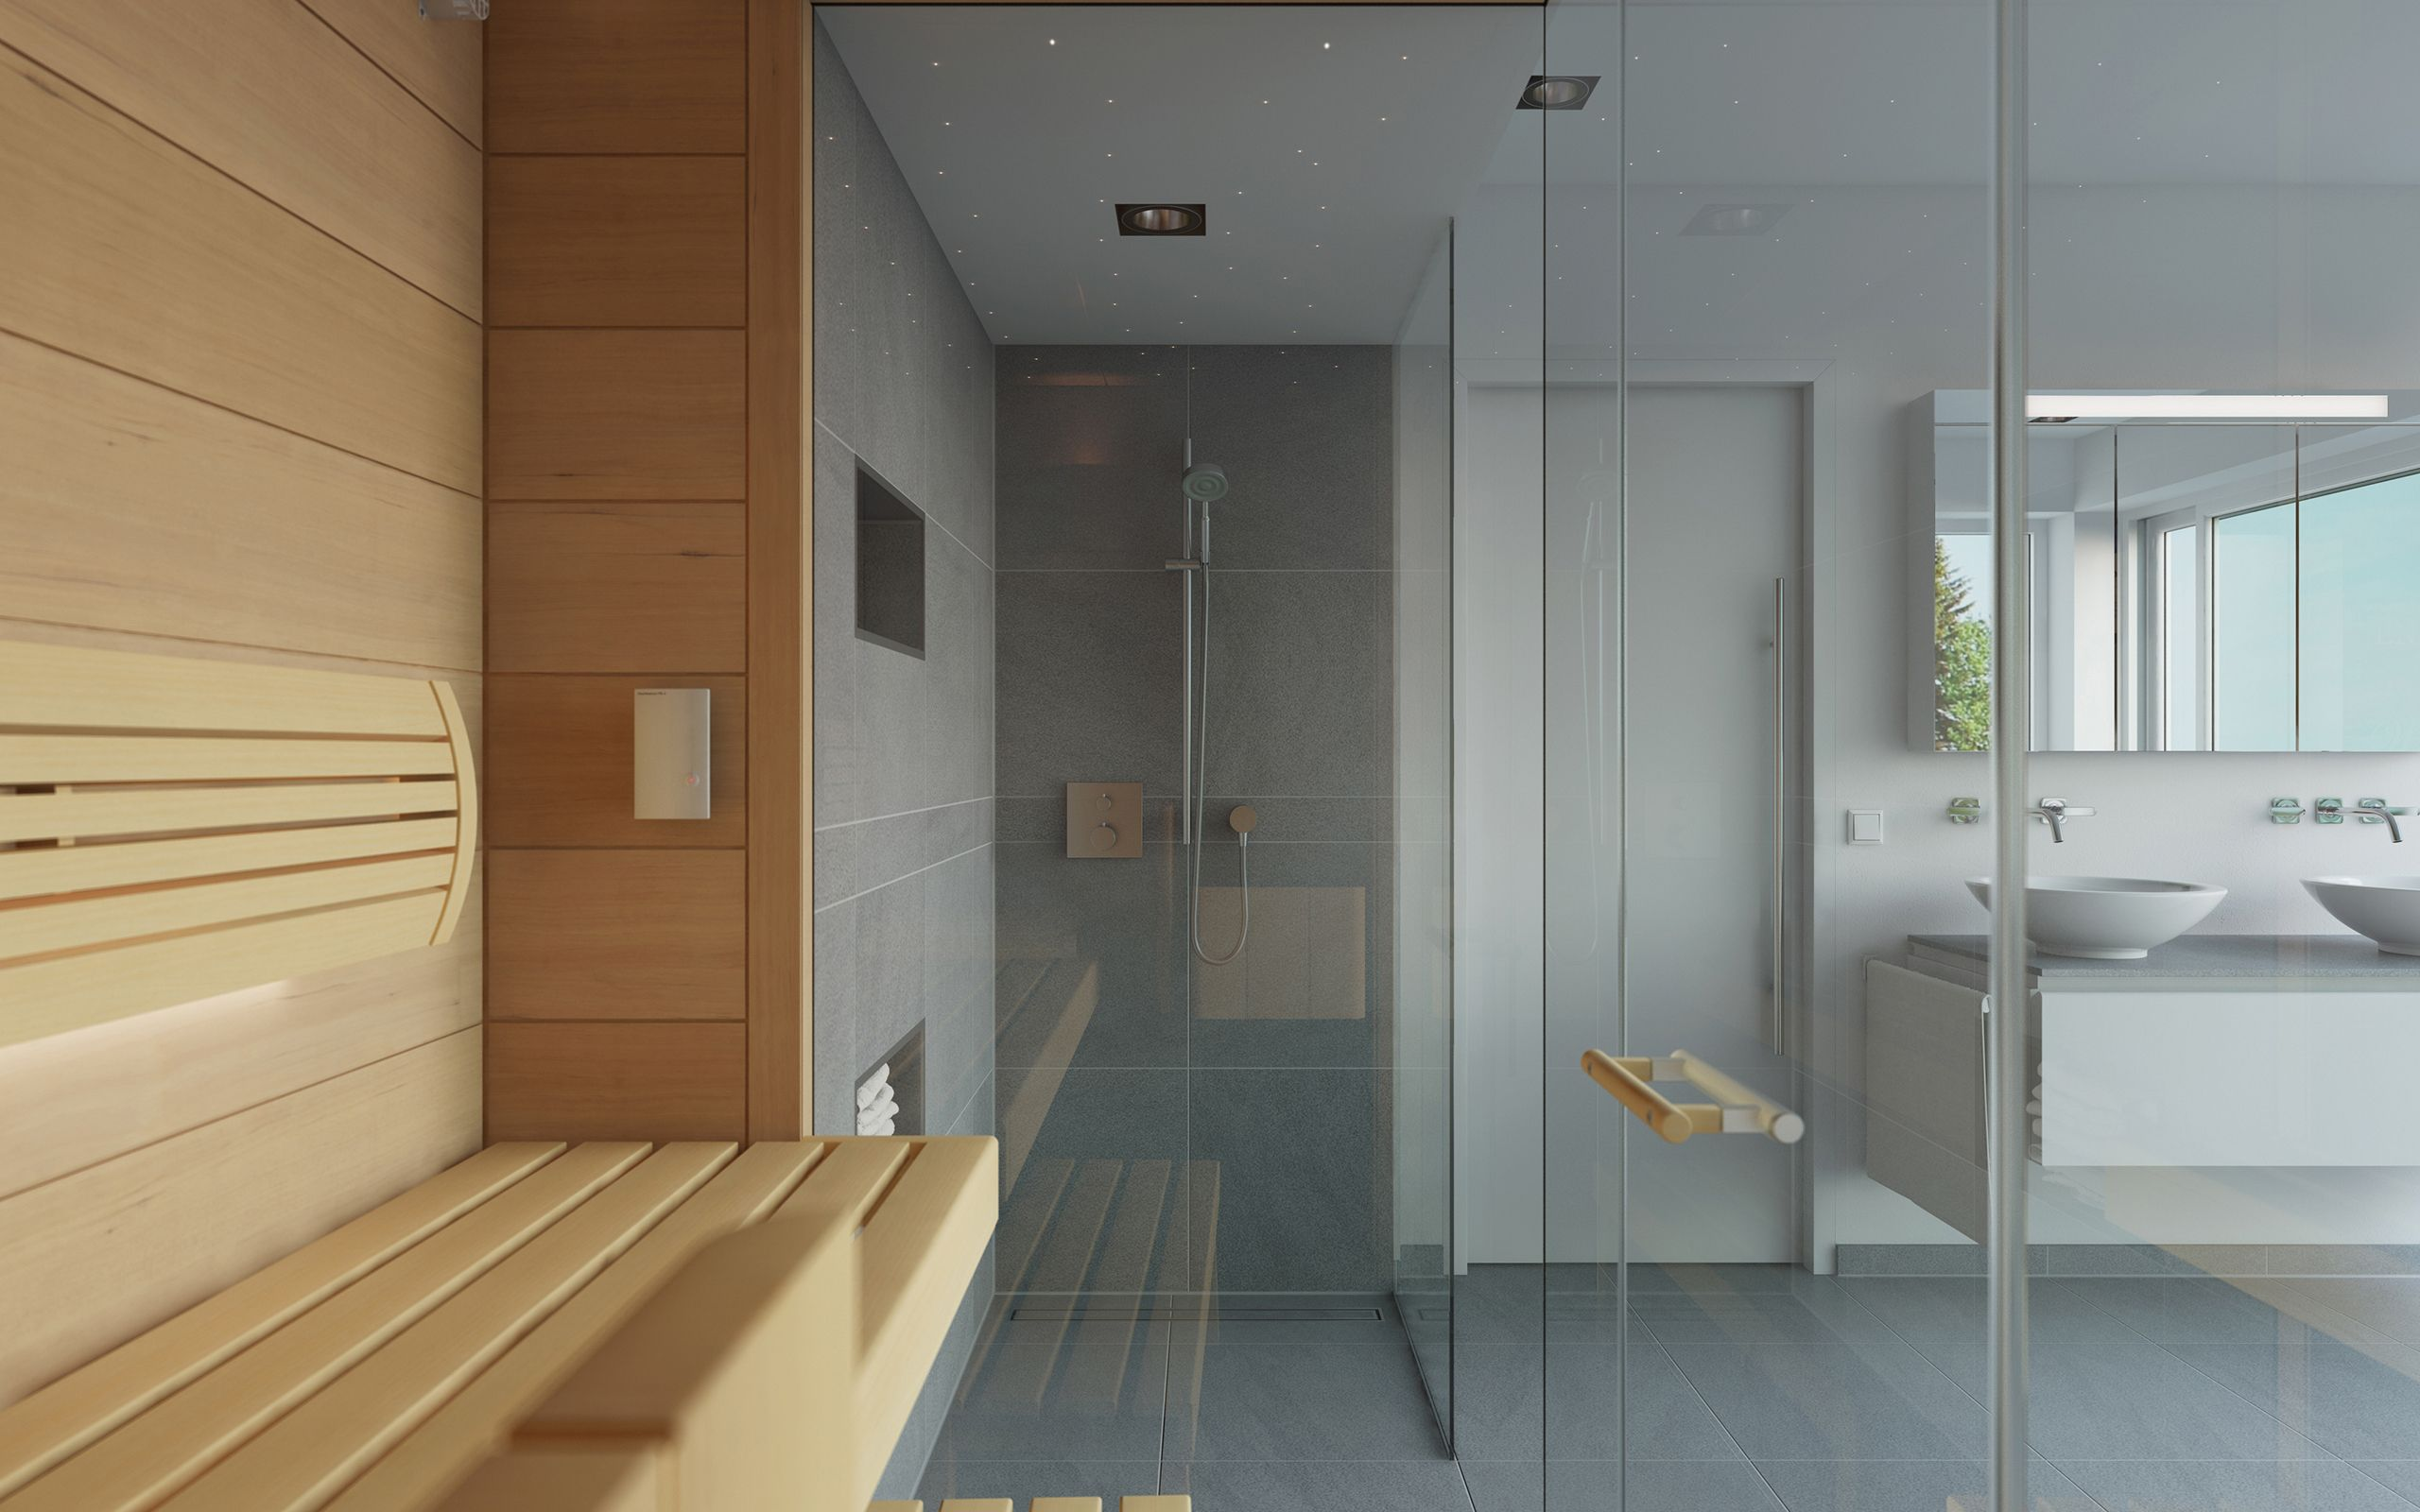 Fachkundige Hilfe Bei Saunaplanung Und Einbau Ihrer Saunen Saunas SANARIUMR Dampfbad Infrarotkabinen Fur Den Privaten Gewerblichen Einsatz